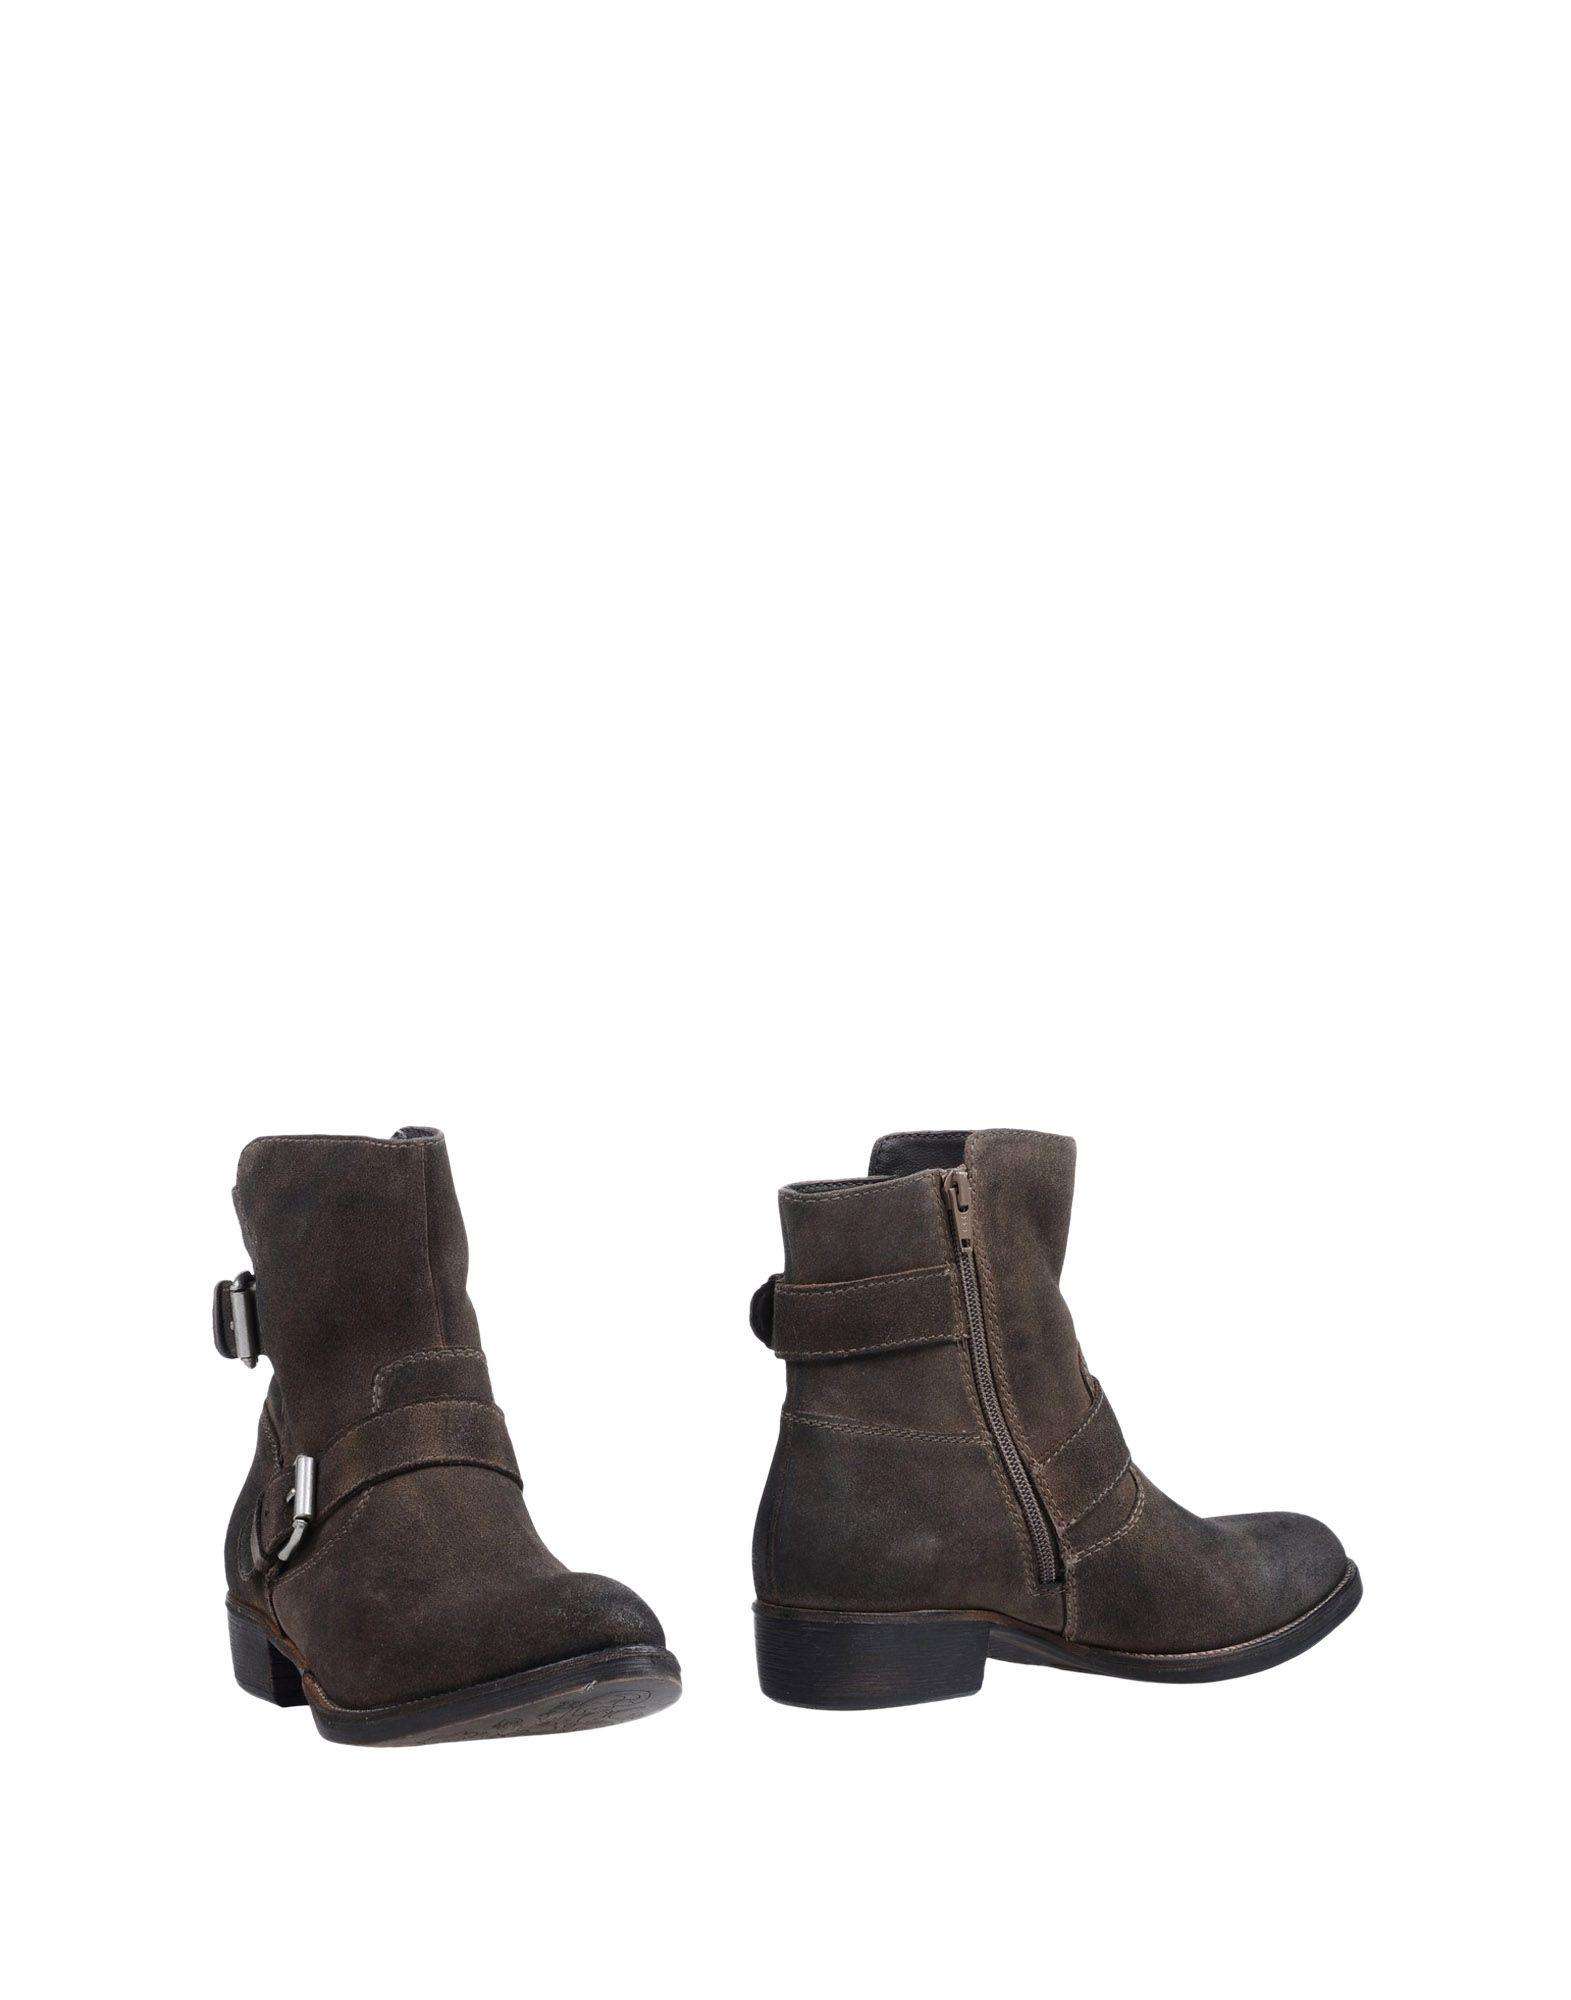 Stivaletti Spm Shoes&Boots Donna - 11376553WJ